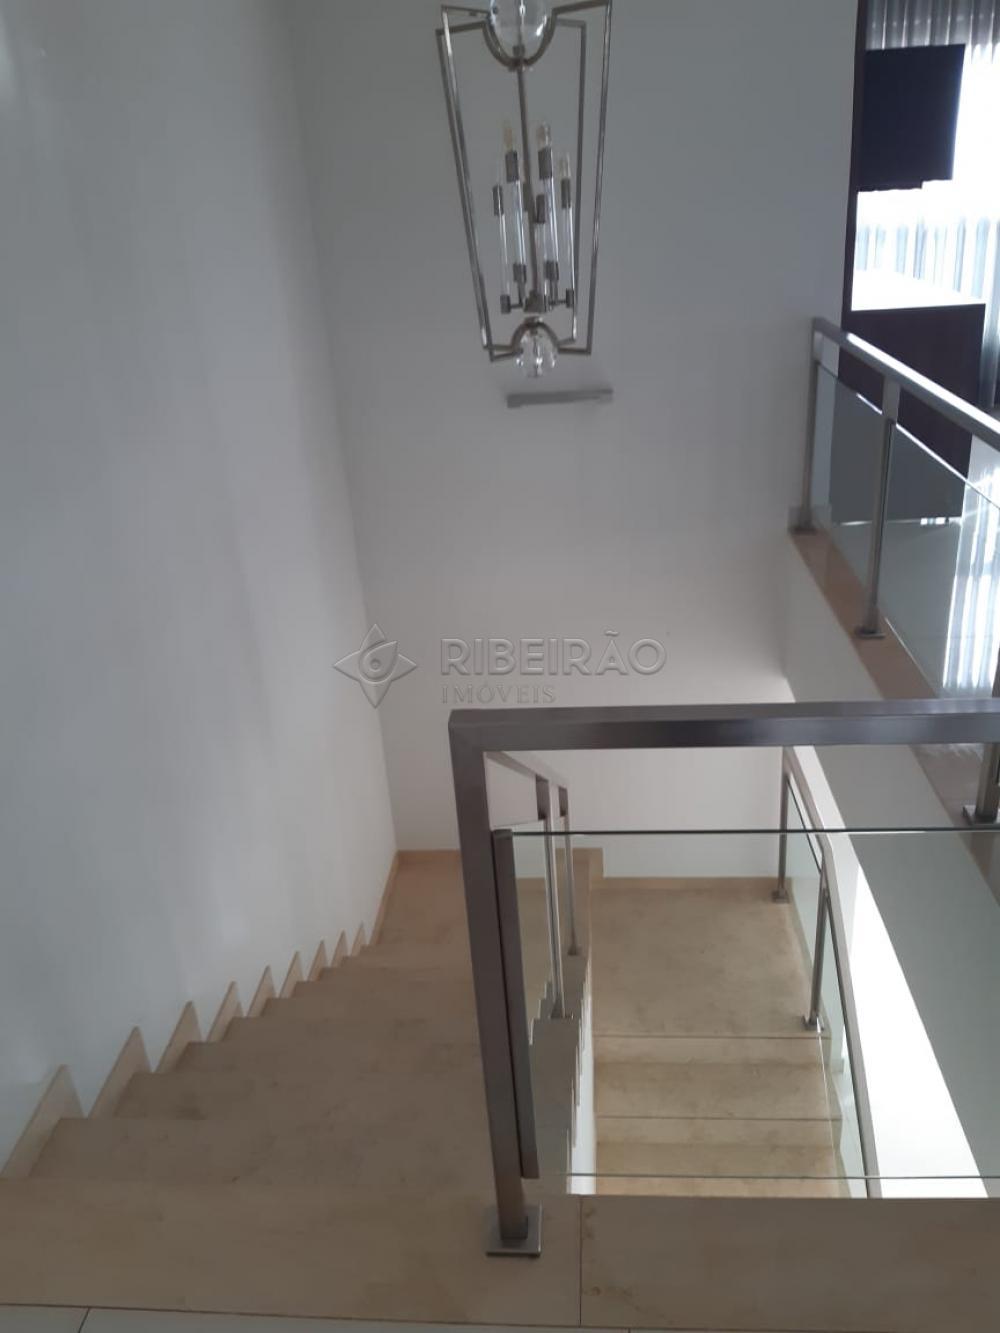 Comprar Apartamento / Cobertura em Ribeirão Preto R$ 1.900.000,00 - Foto 23